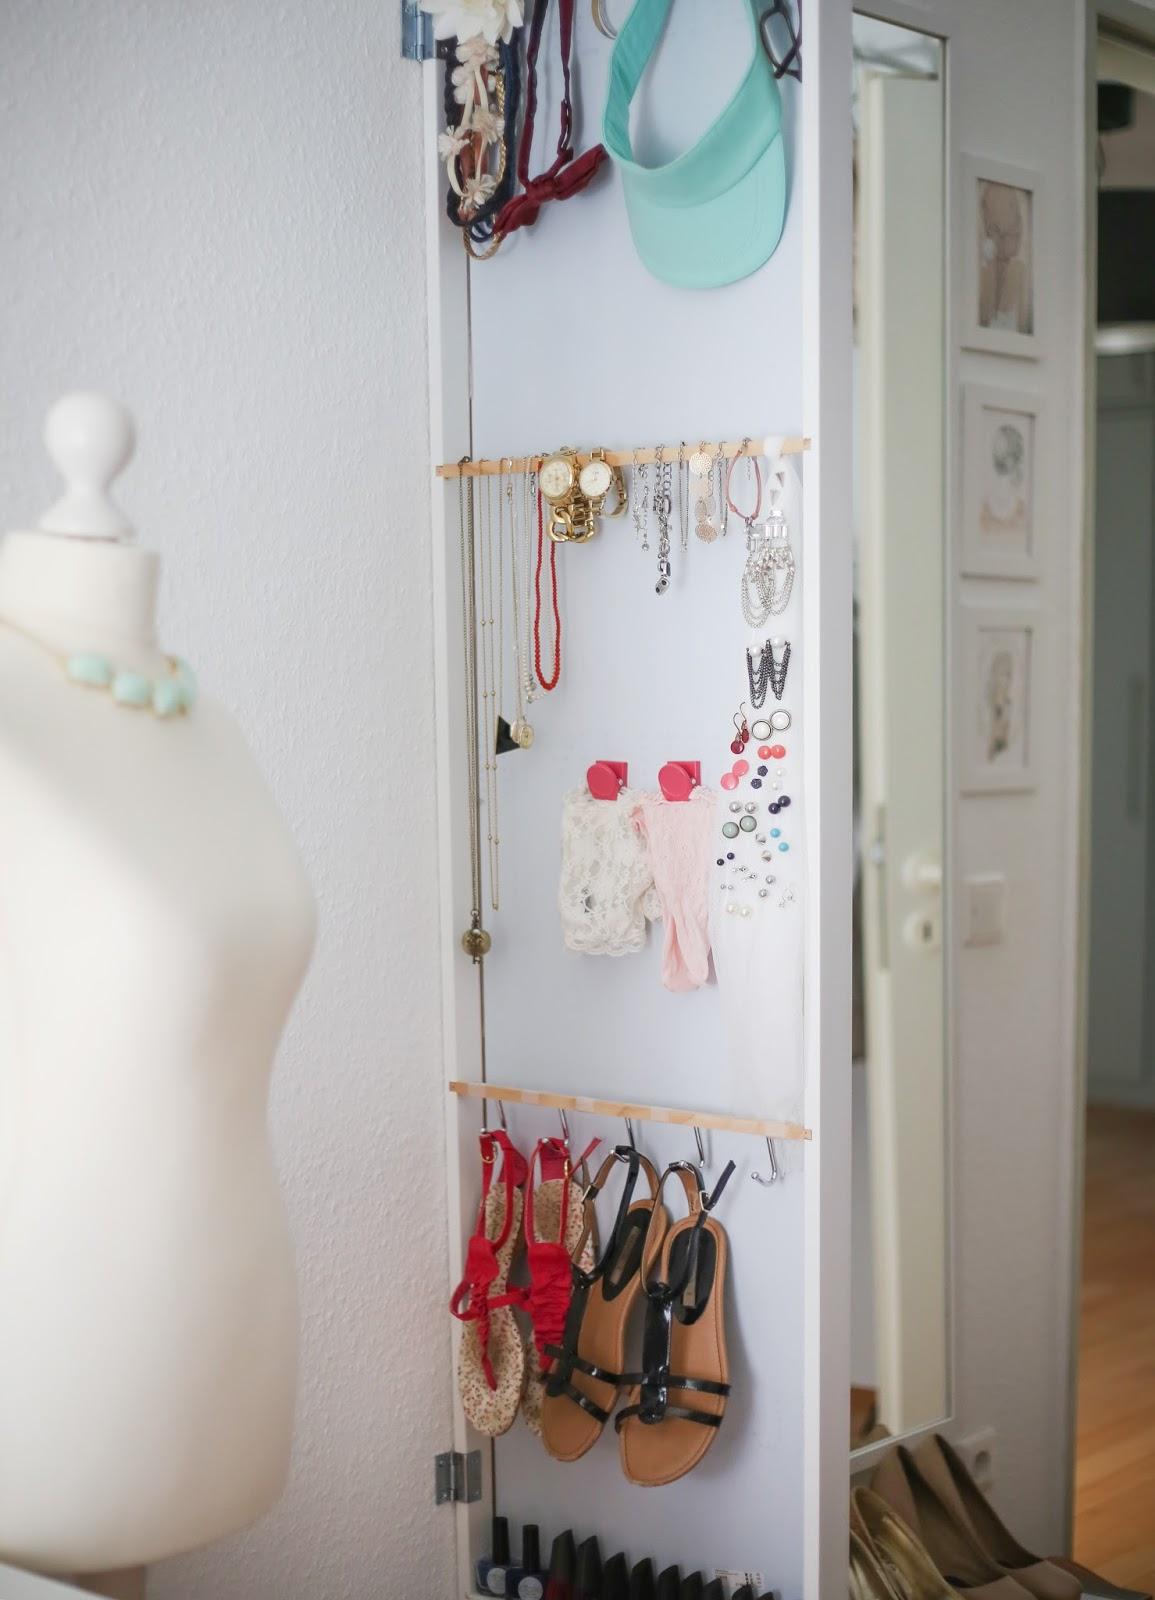 platz sparen im kleiderschrank schmuckaufbewahrung. Black Bedroom Furniture Sets. Home Design Ideas